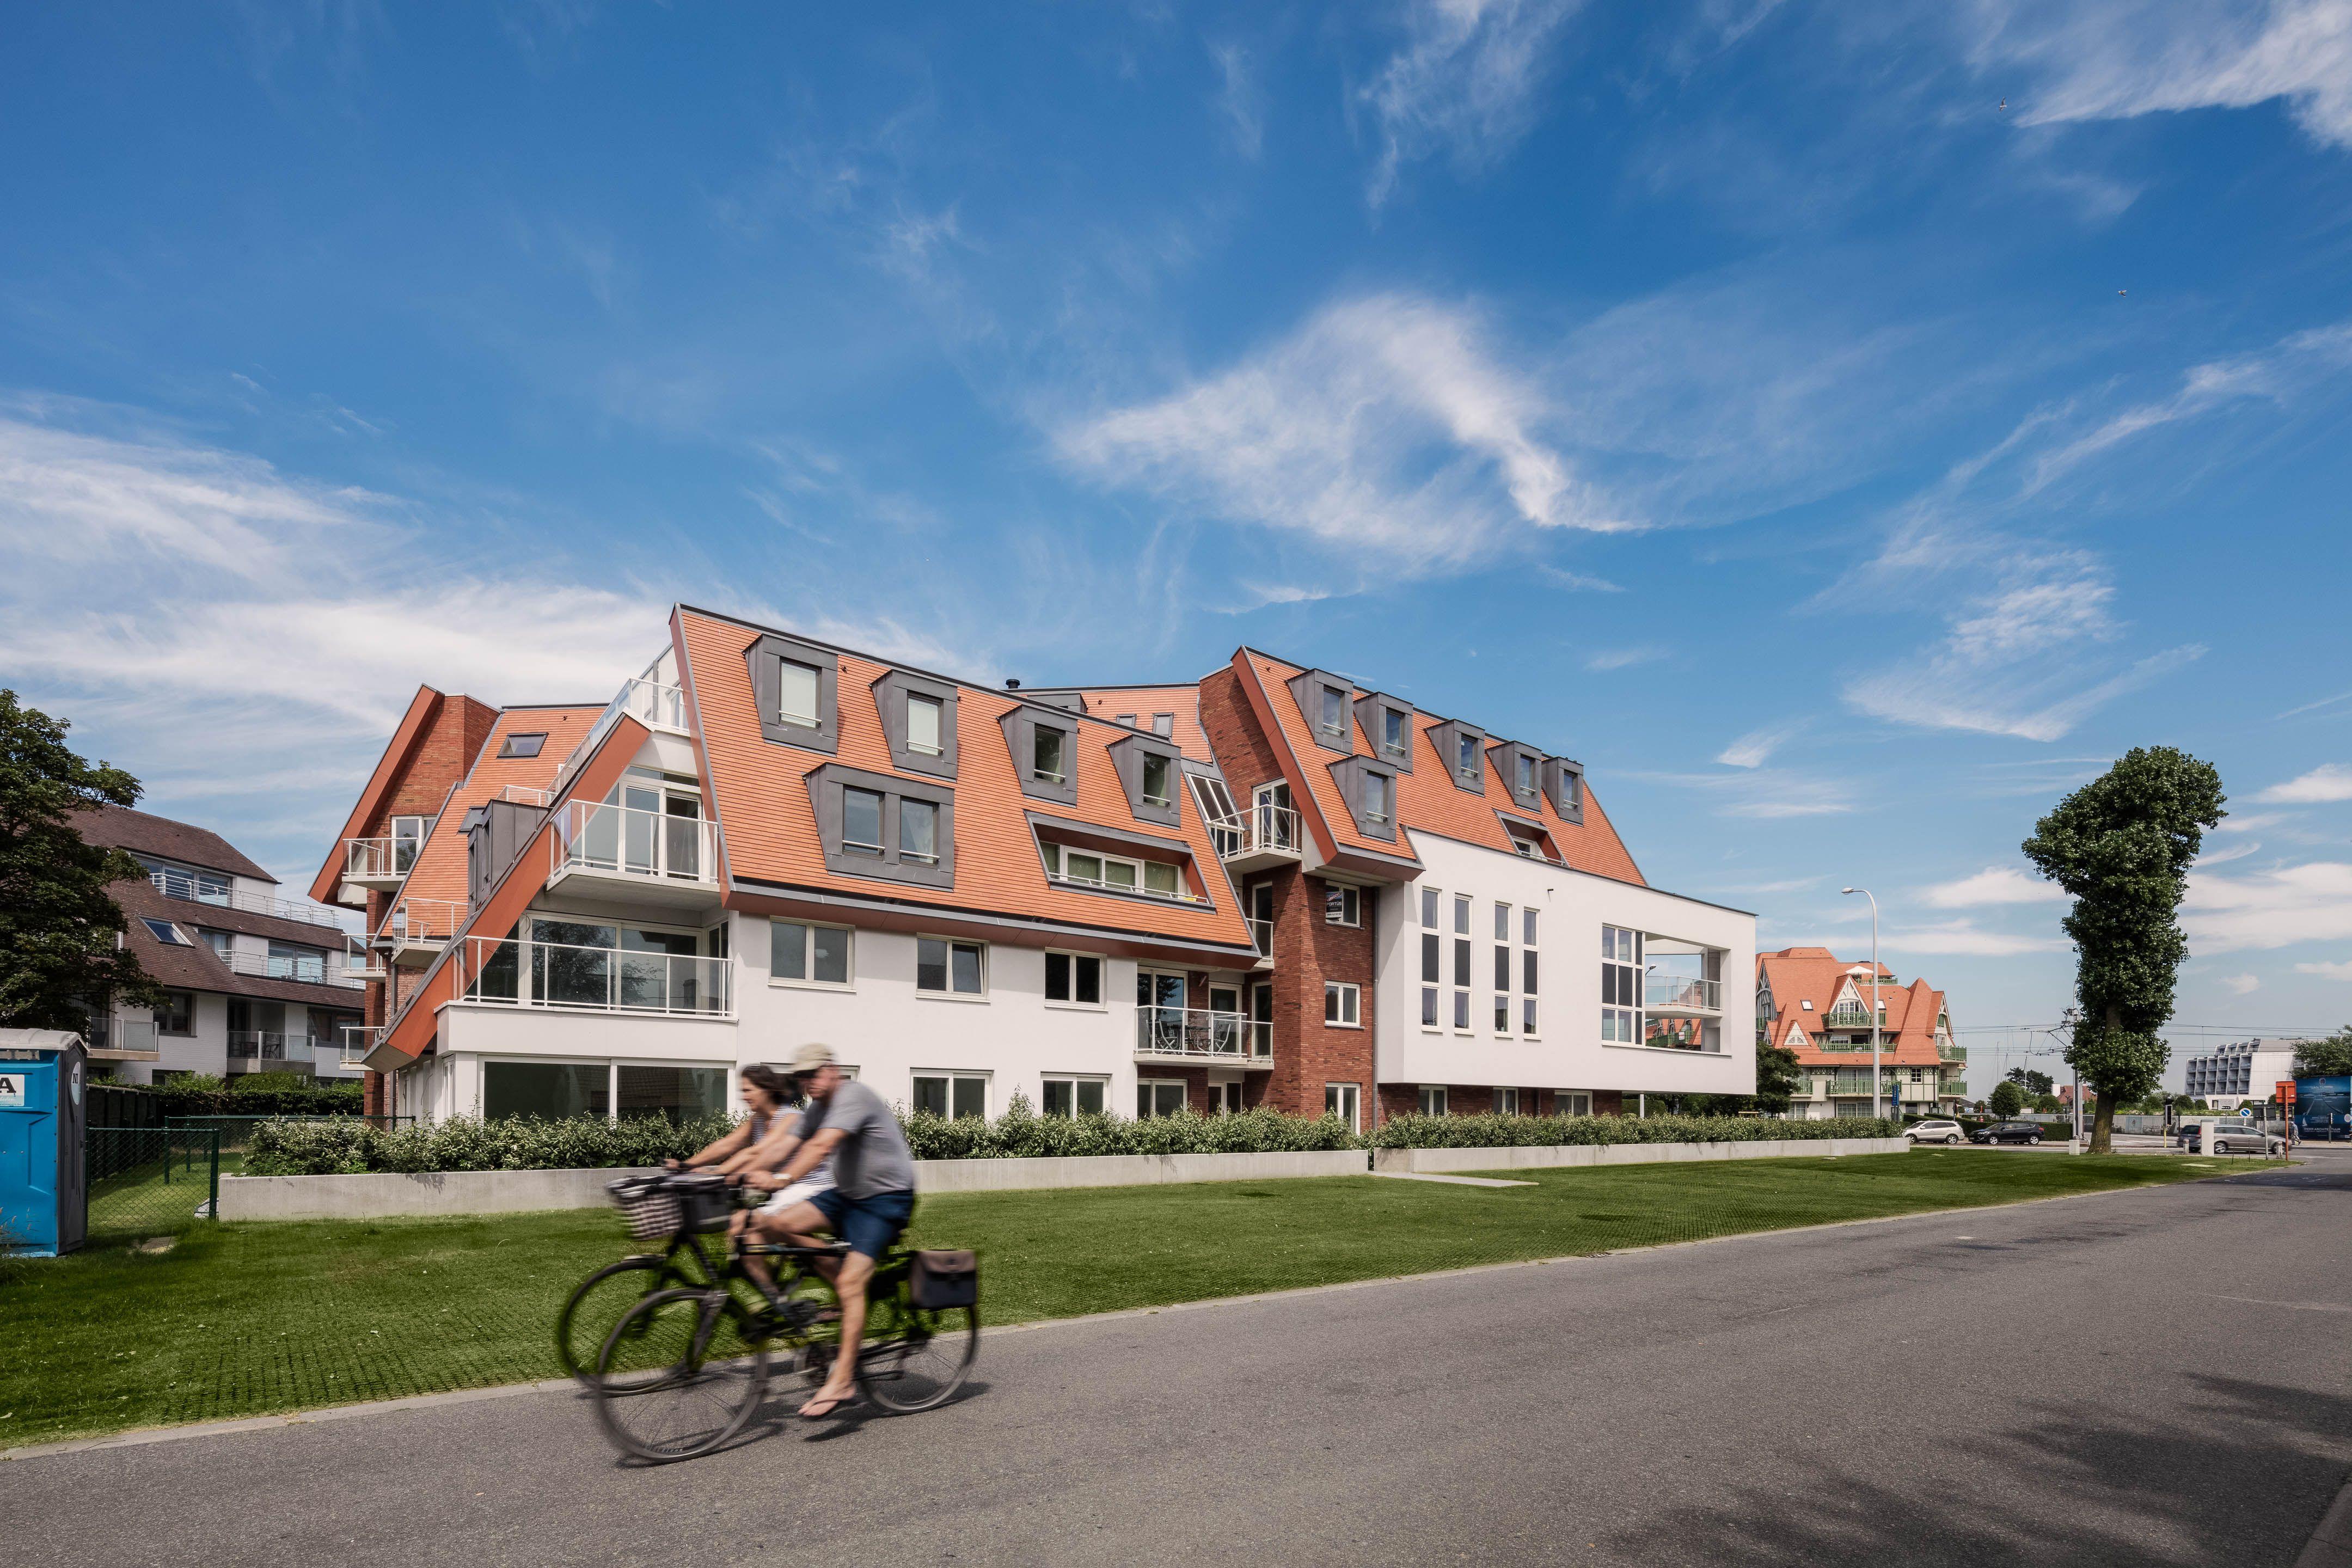 Appartement Residentie Villa Crombez Nieuwpoort - 5979